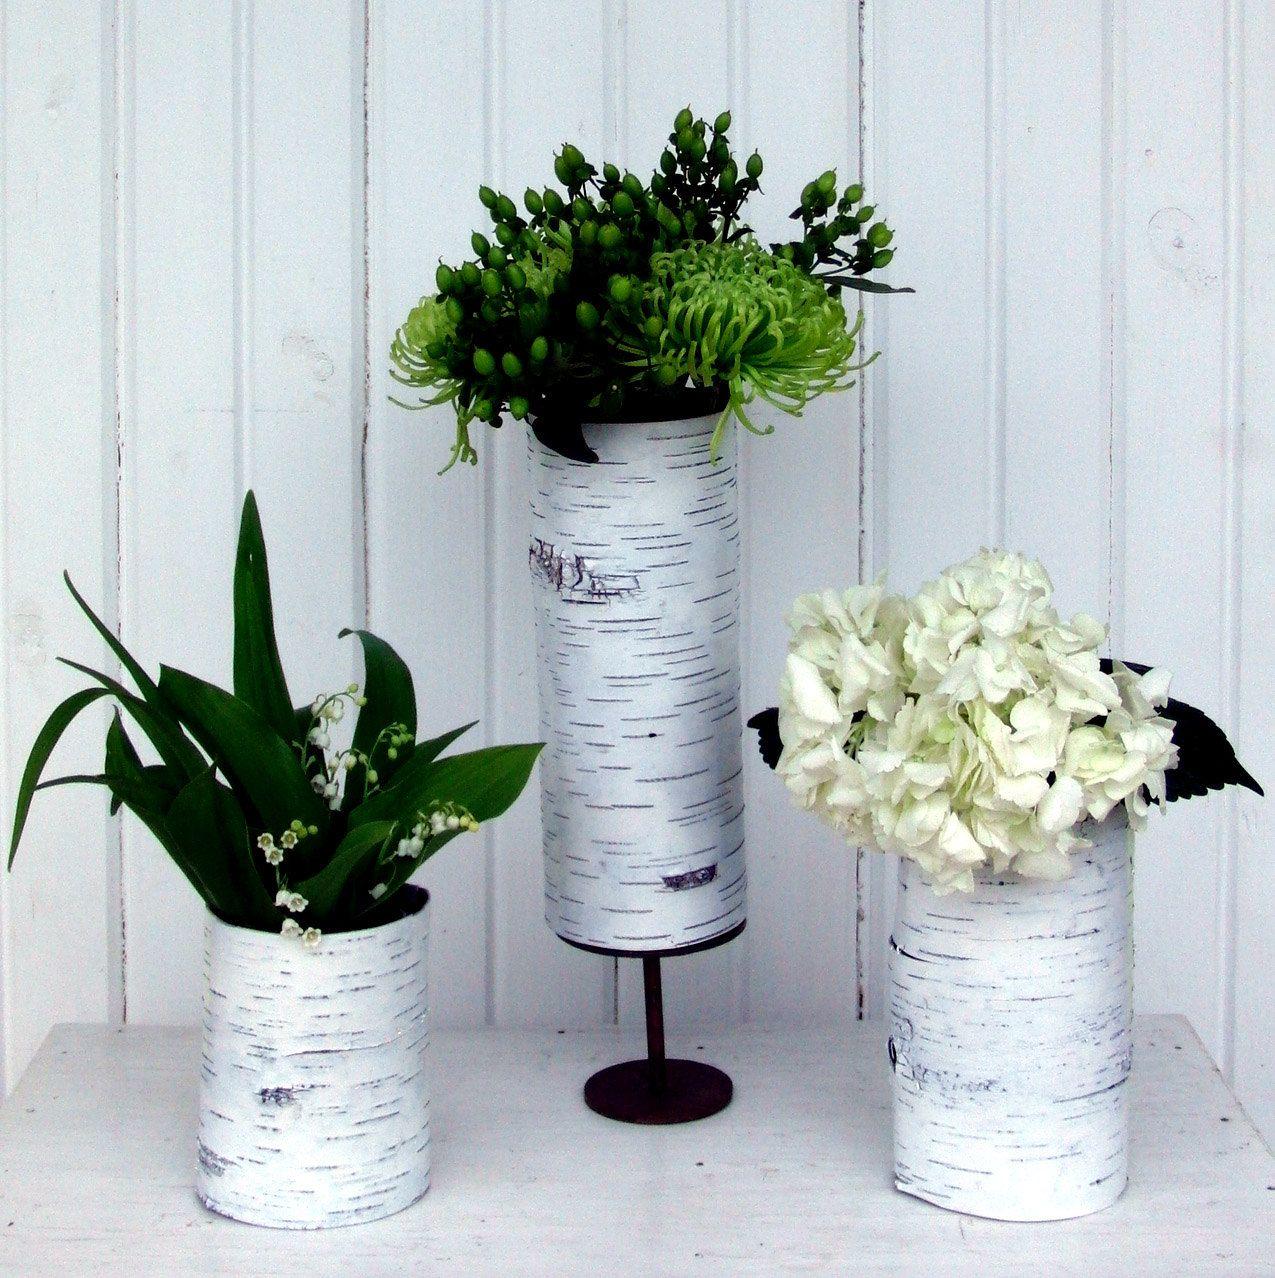 White Birch Wedding Decorations Set Of 3 Bark Vases In Blanc By Bettula On Etsy